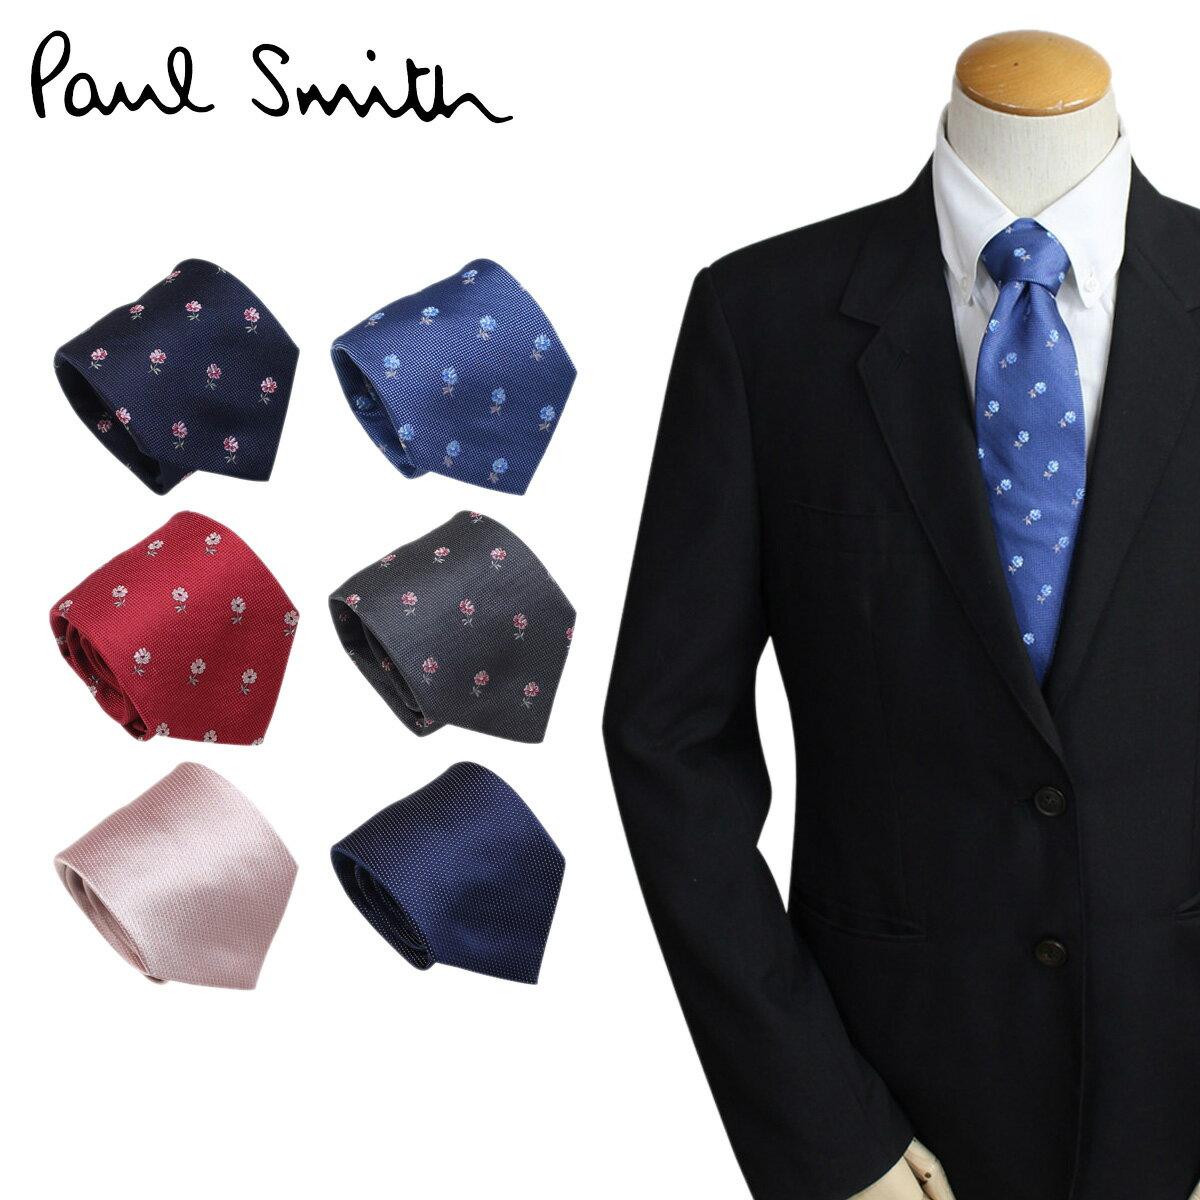 ポールスミス ネクタイ シルク メンズ Paul Smith ドット ギフト ケース付 イタリア製 ビジネス 結婚式 [8/7 追加入荷] 【決算セール】